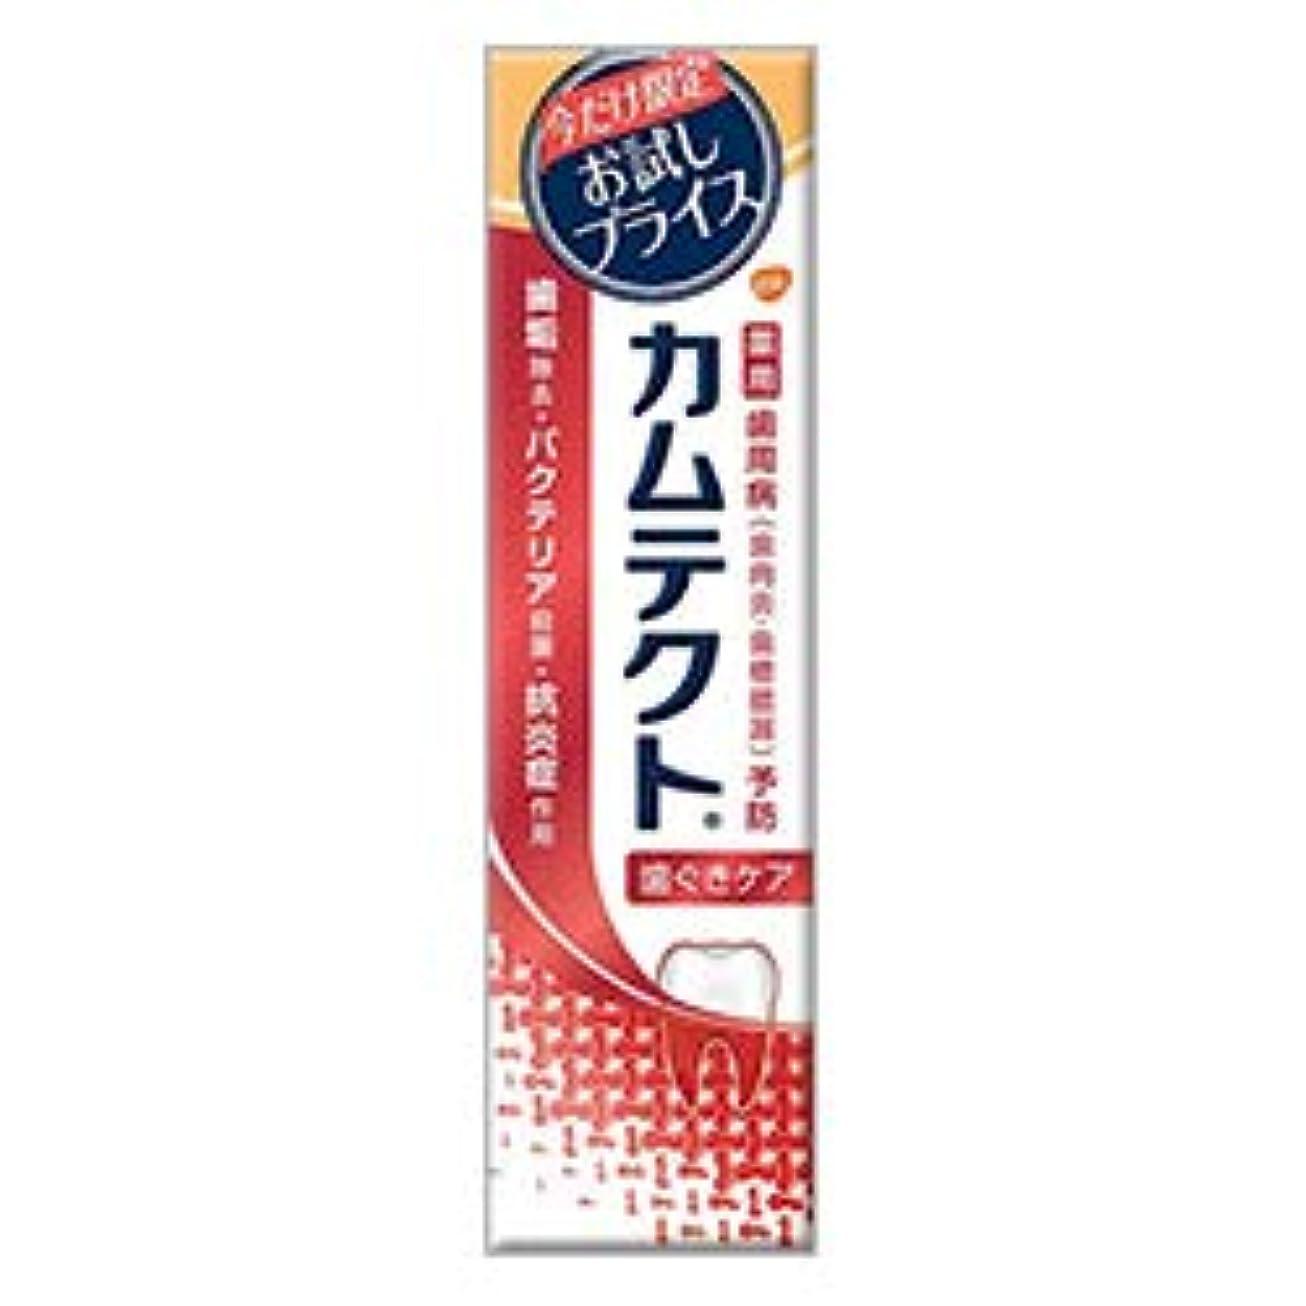 【アース製薬】カムテクト 歯ぐきケア 限定お試し版 105g [医薬部外品] ×3個セット